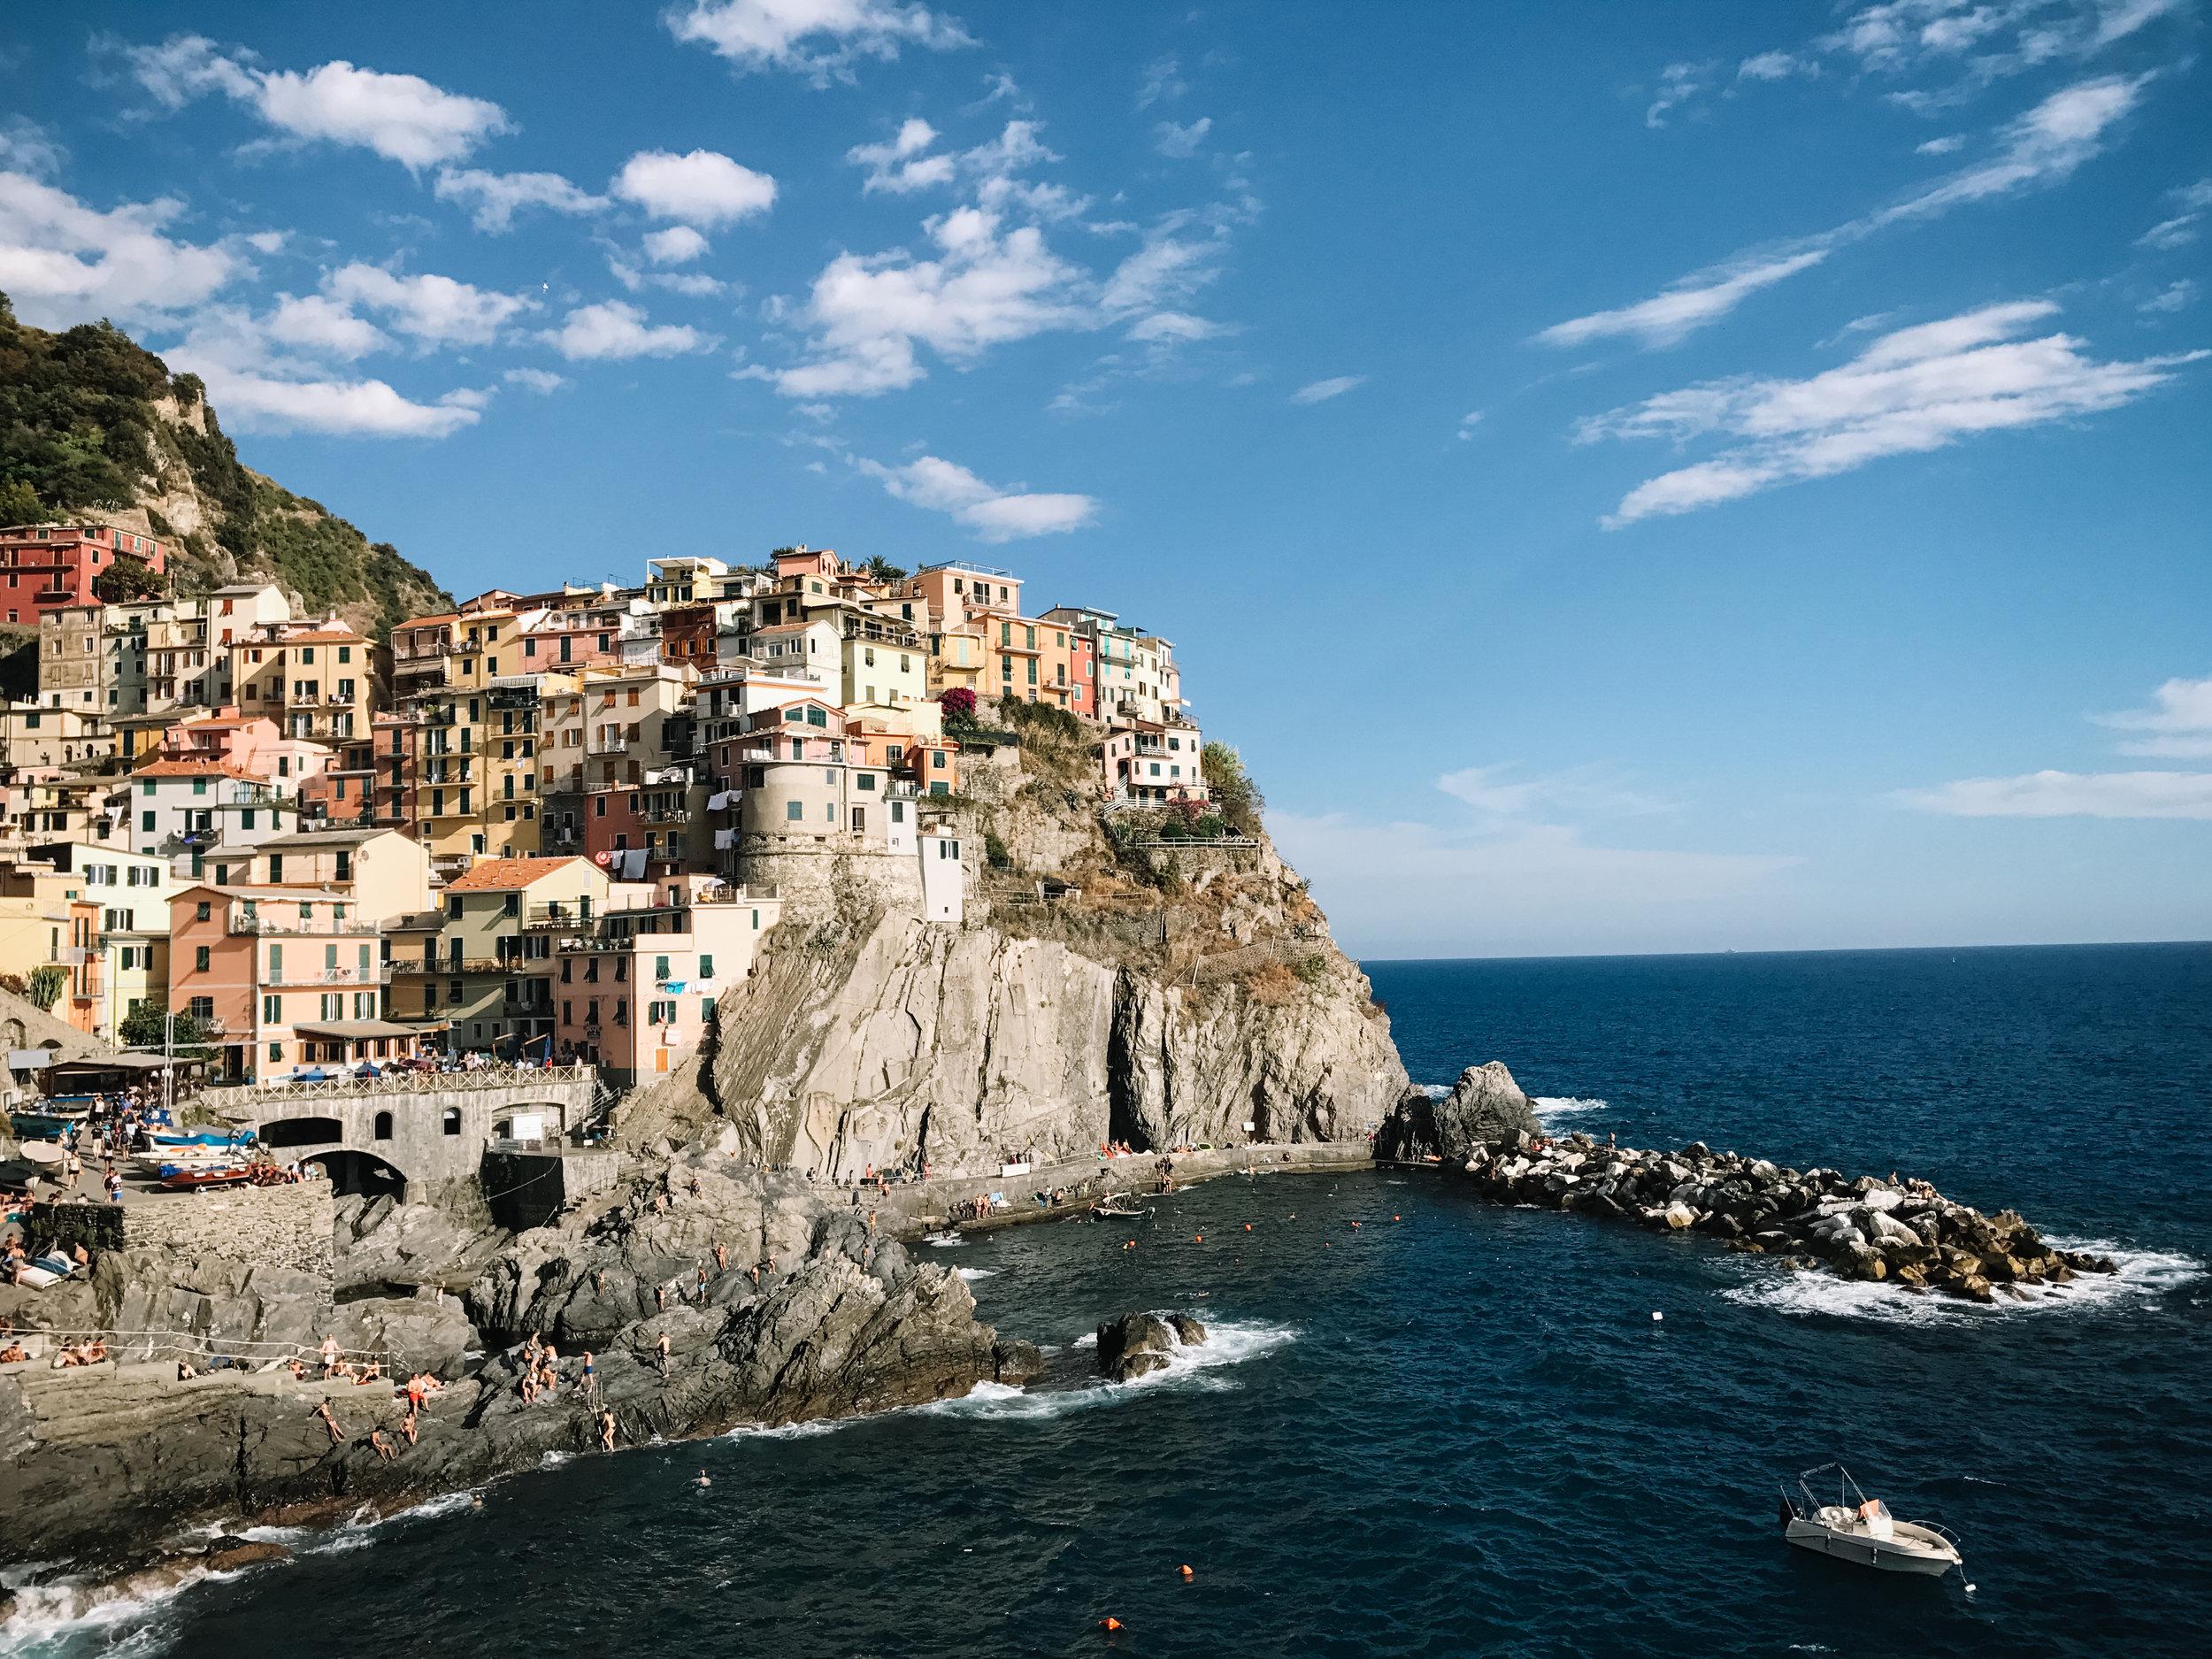 Italy-Cinque Terre-7.jpg